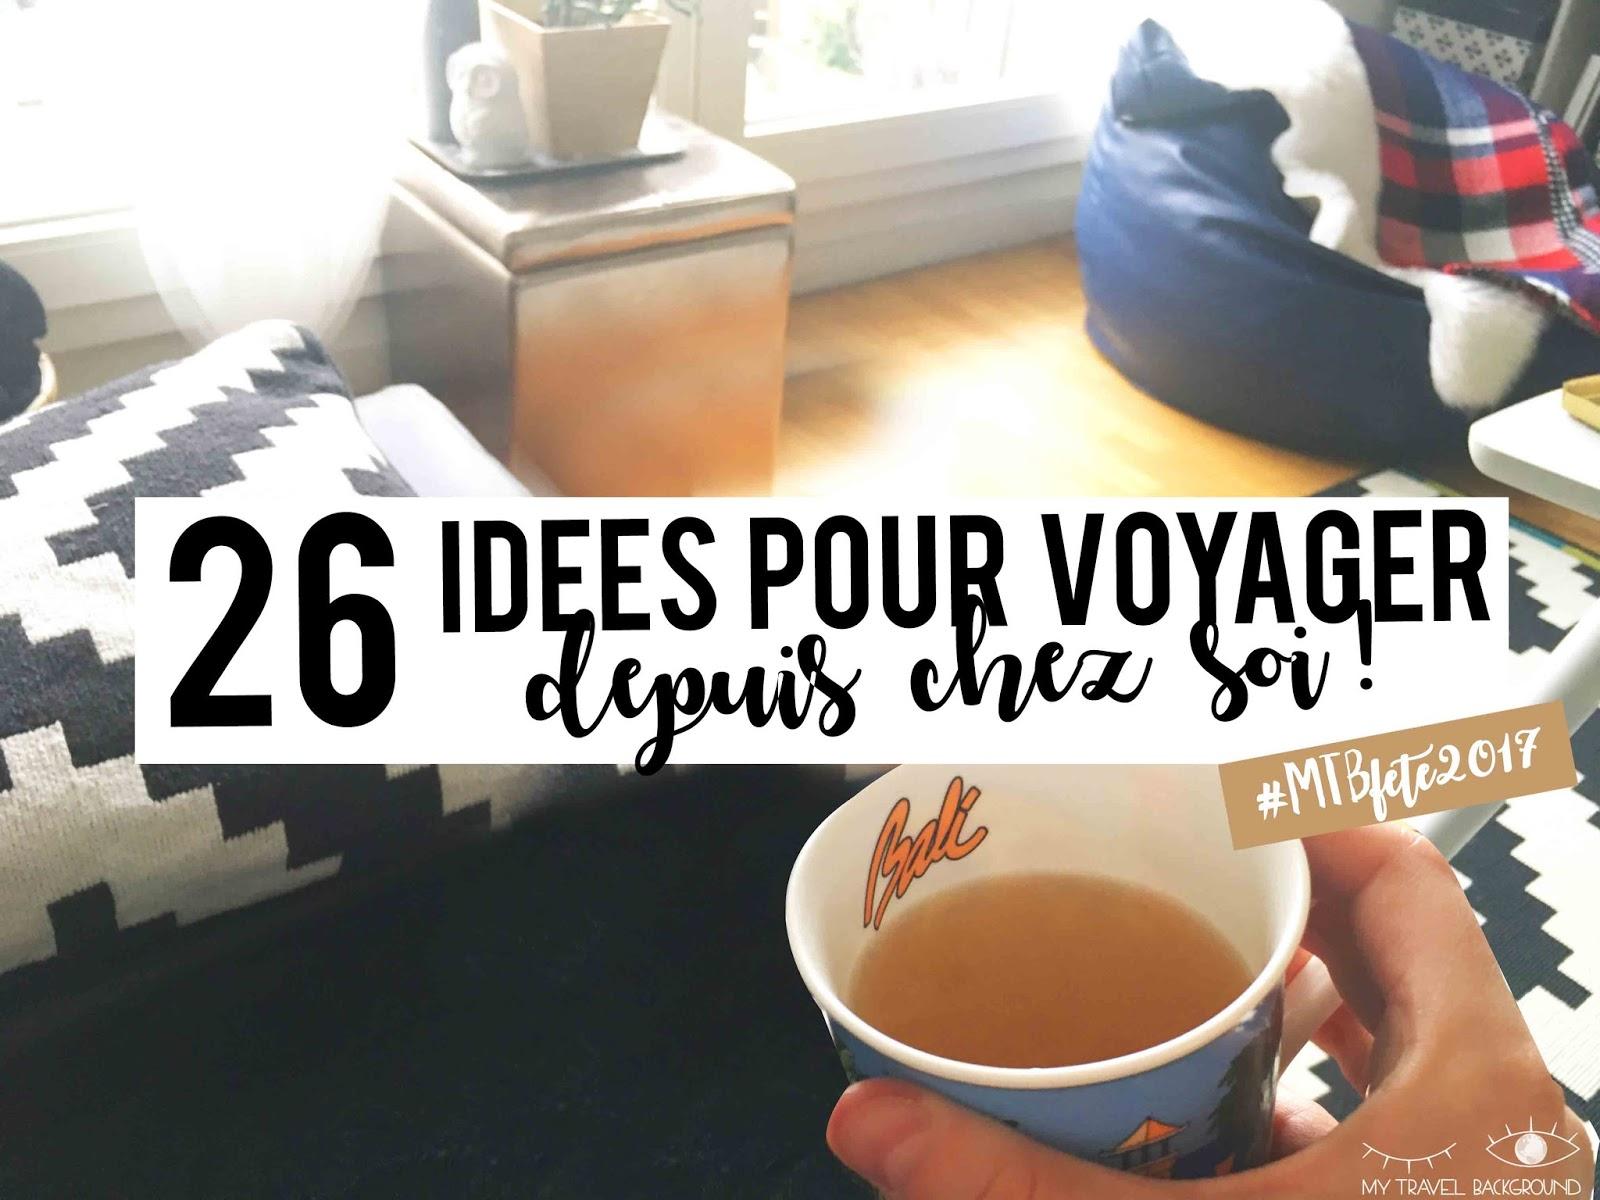 My Travel Background : 26 idées pour voyager au quotidien depuis chez soi